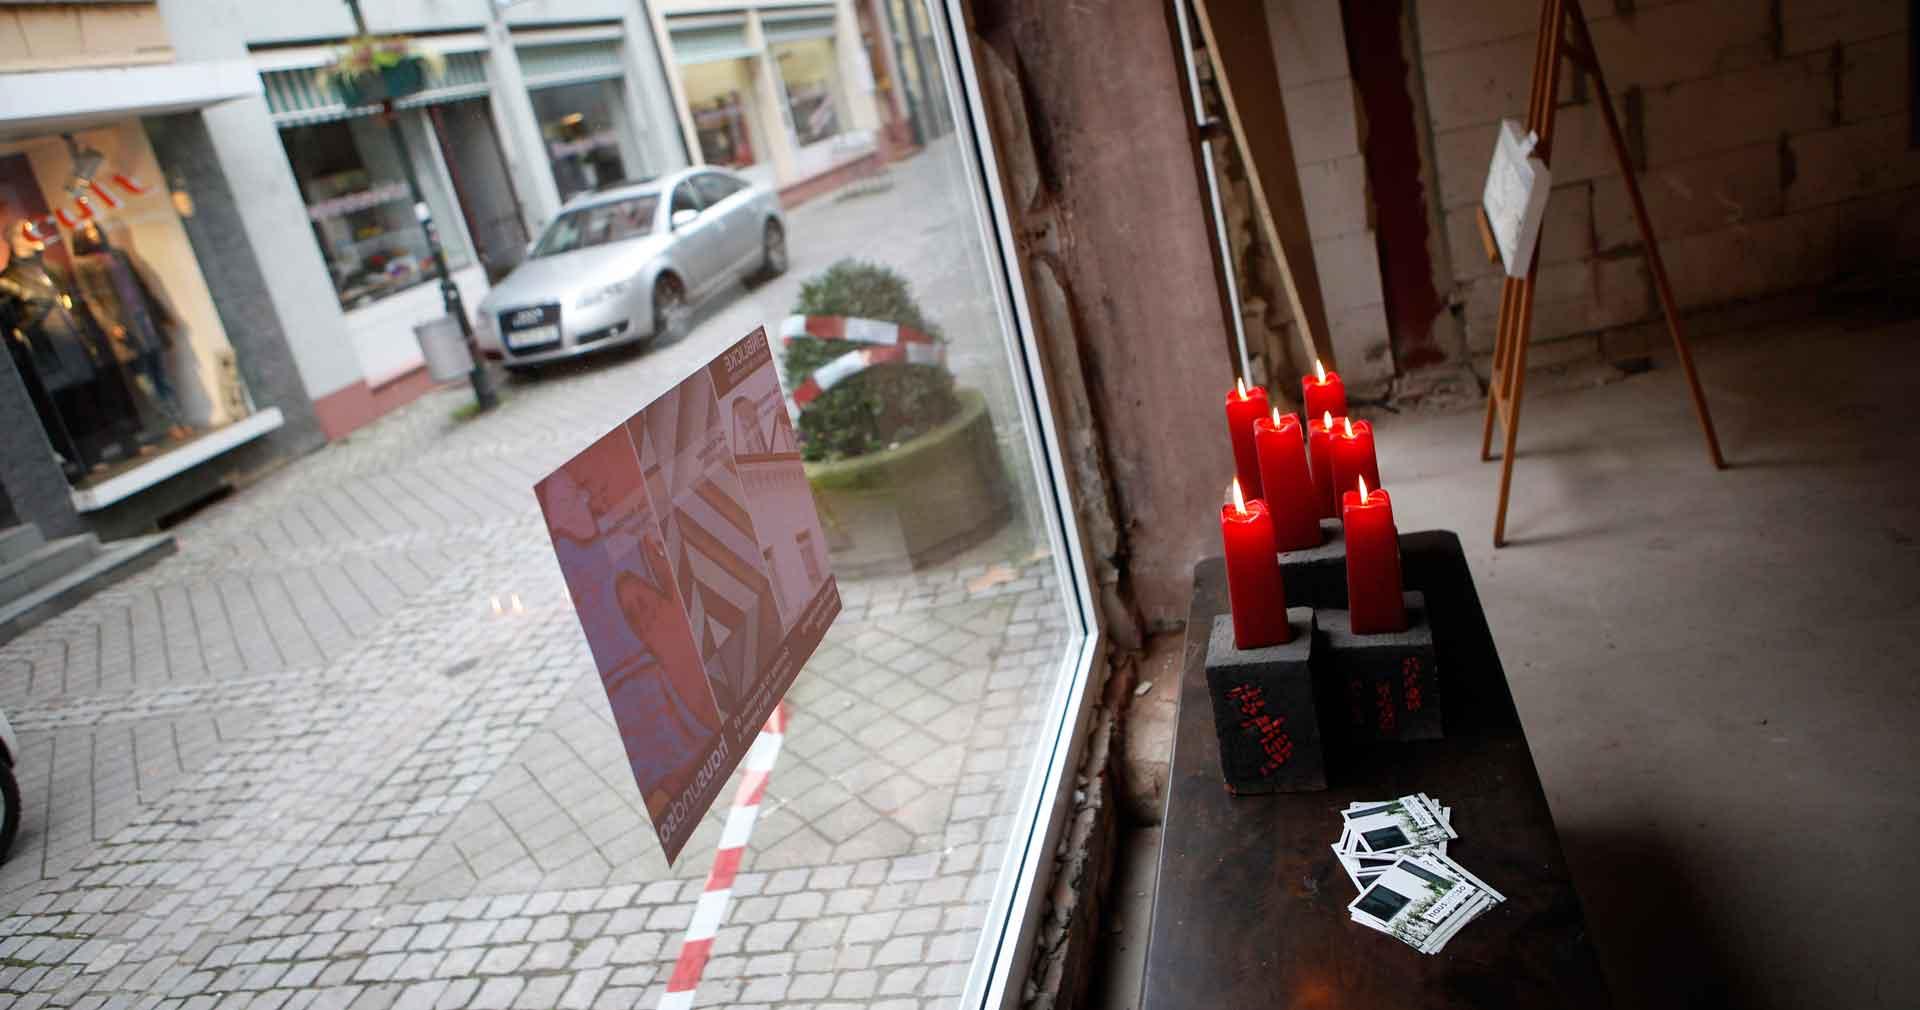 Kund und Immobilie (c)Christoph Breithaupt